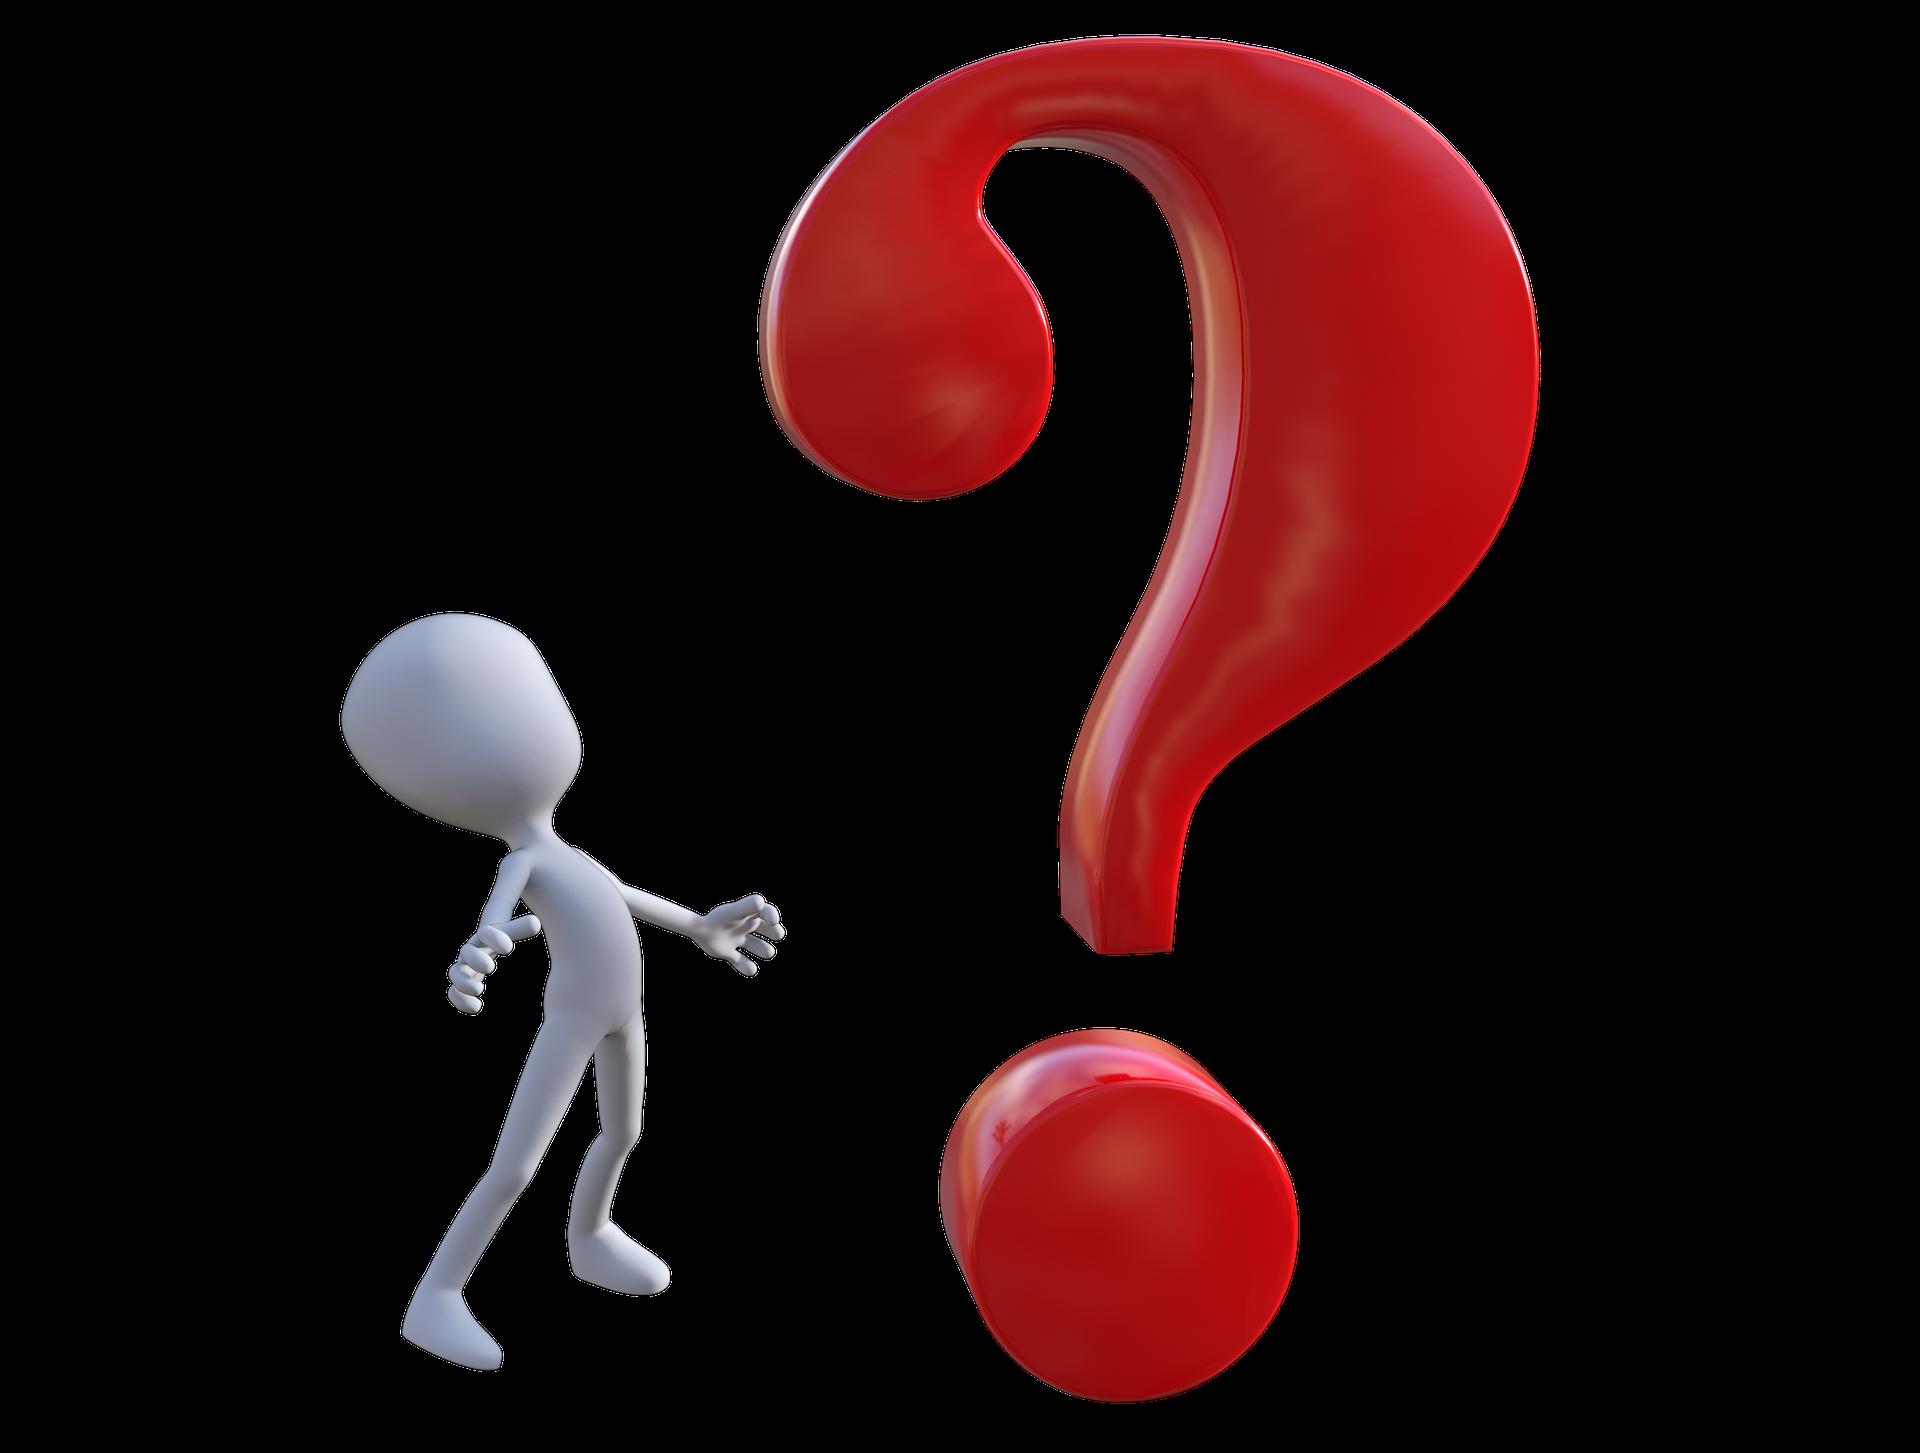 営業マンと経営者はなぜゾロ目が好きなのか